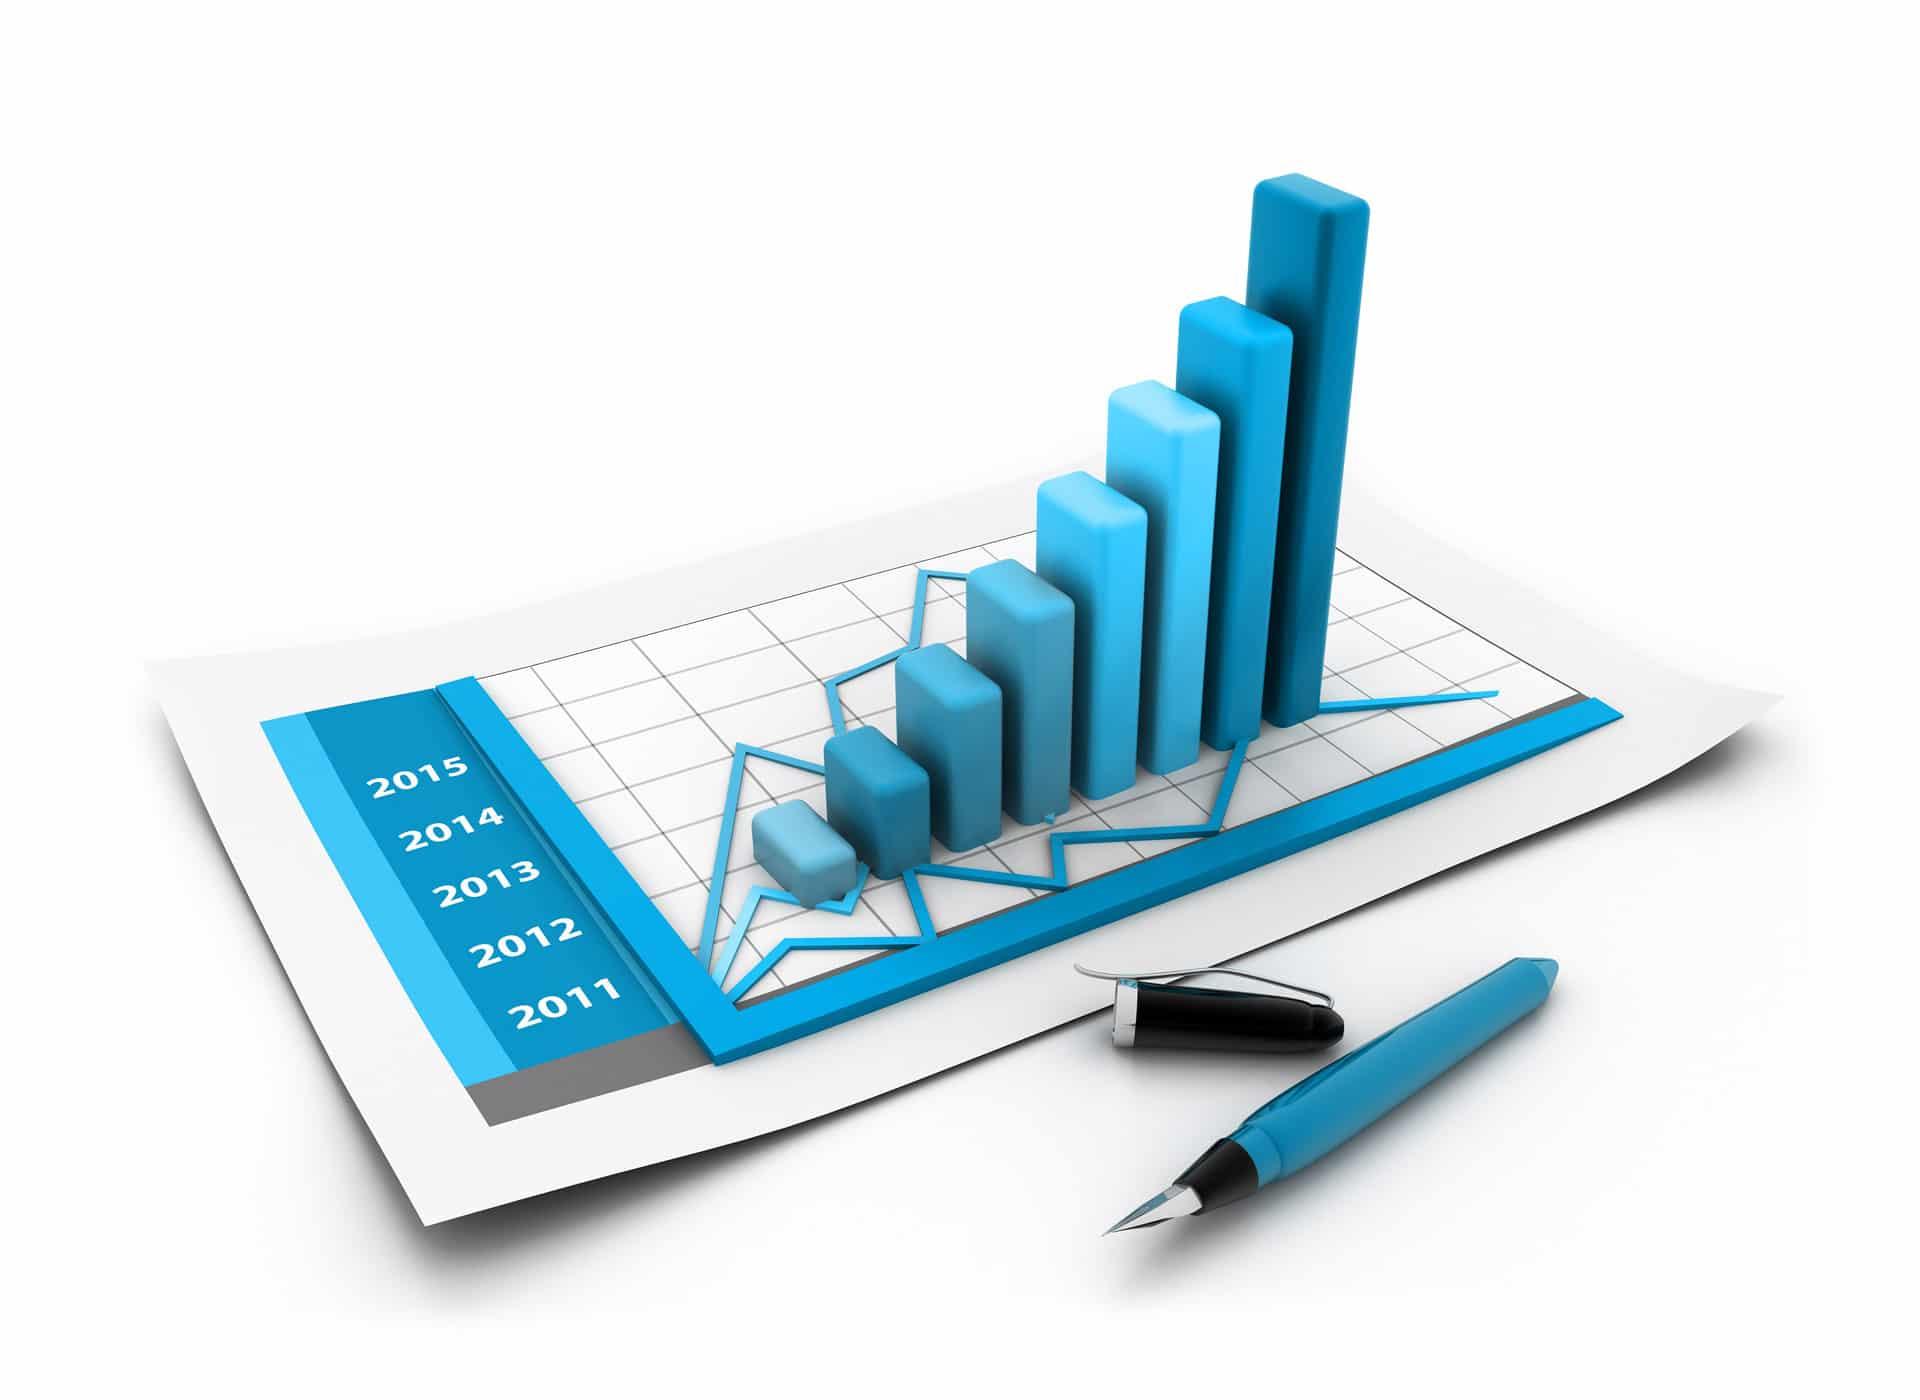 Bild: Wir analysieren und erstellen unabhängige Fach- und Sanierungsgutachten